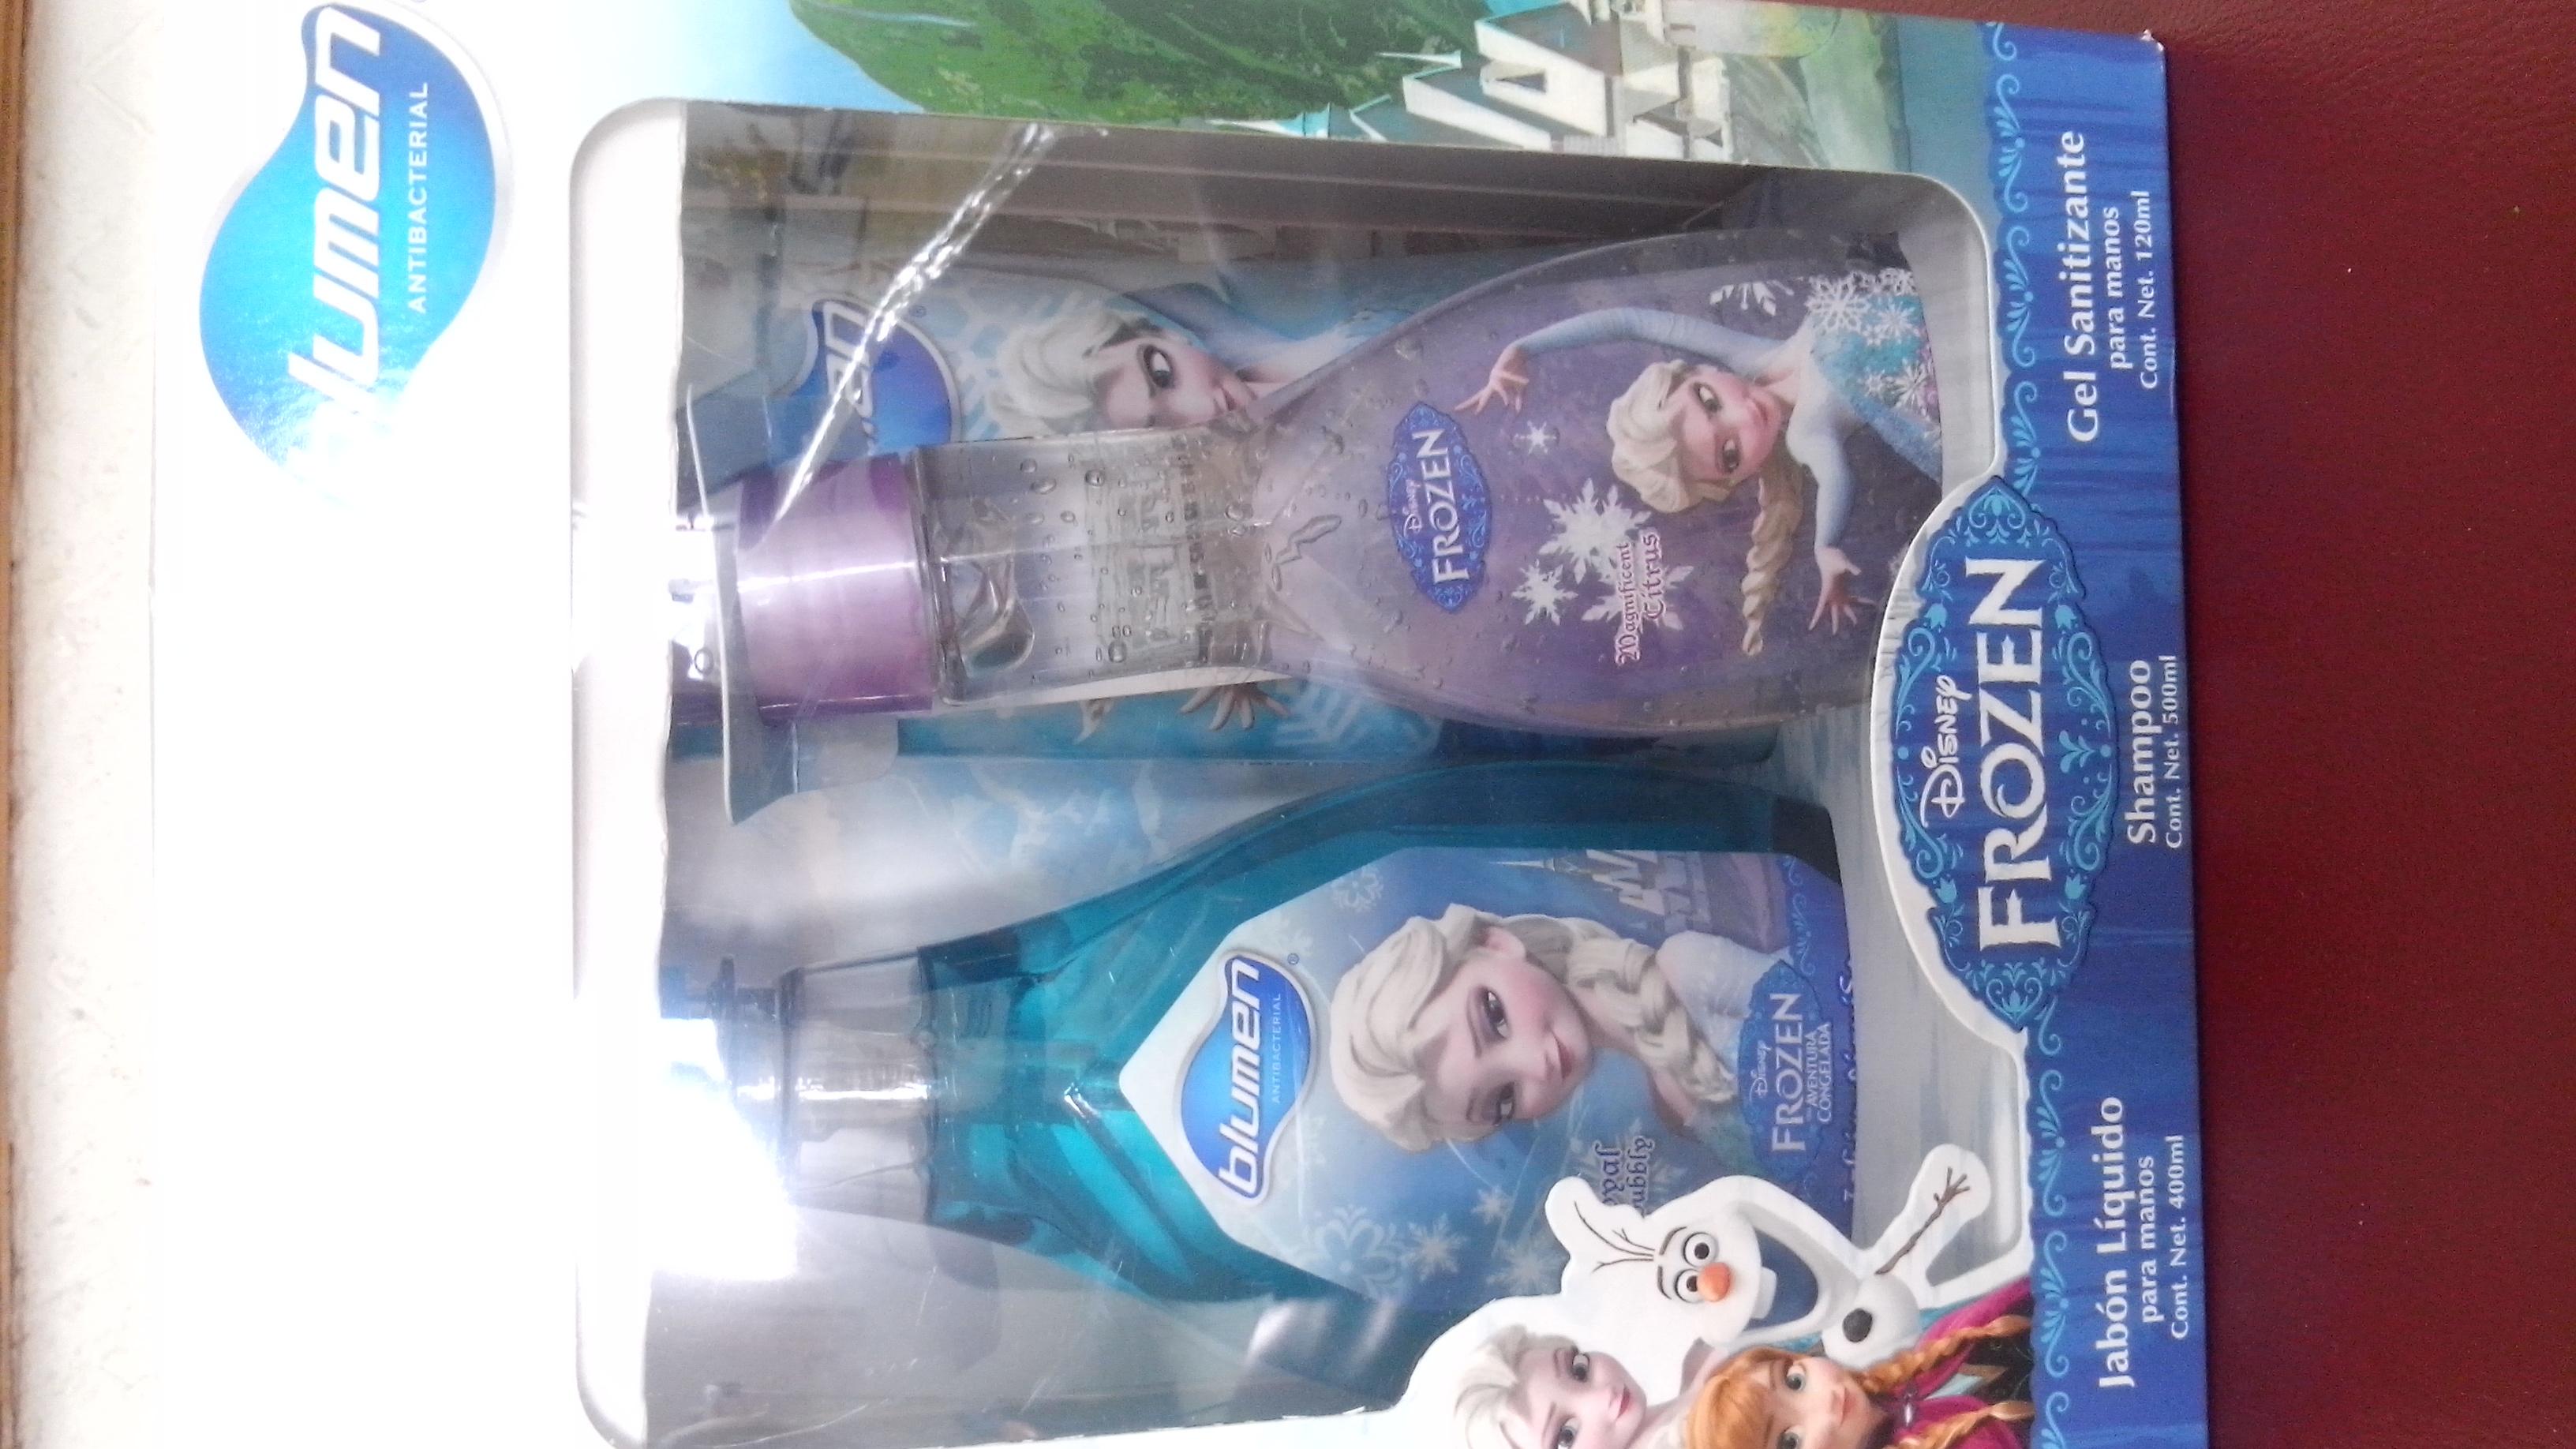 Walmart: Paquete de Frozen (shampoo, jabón liquido de manos y un gel antibacterial) a $24.03